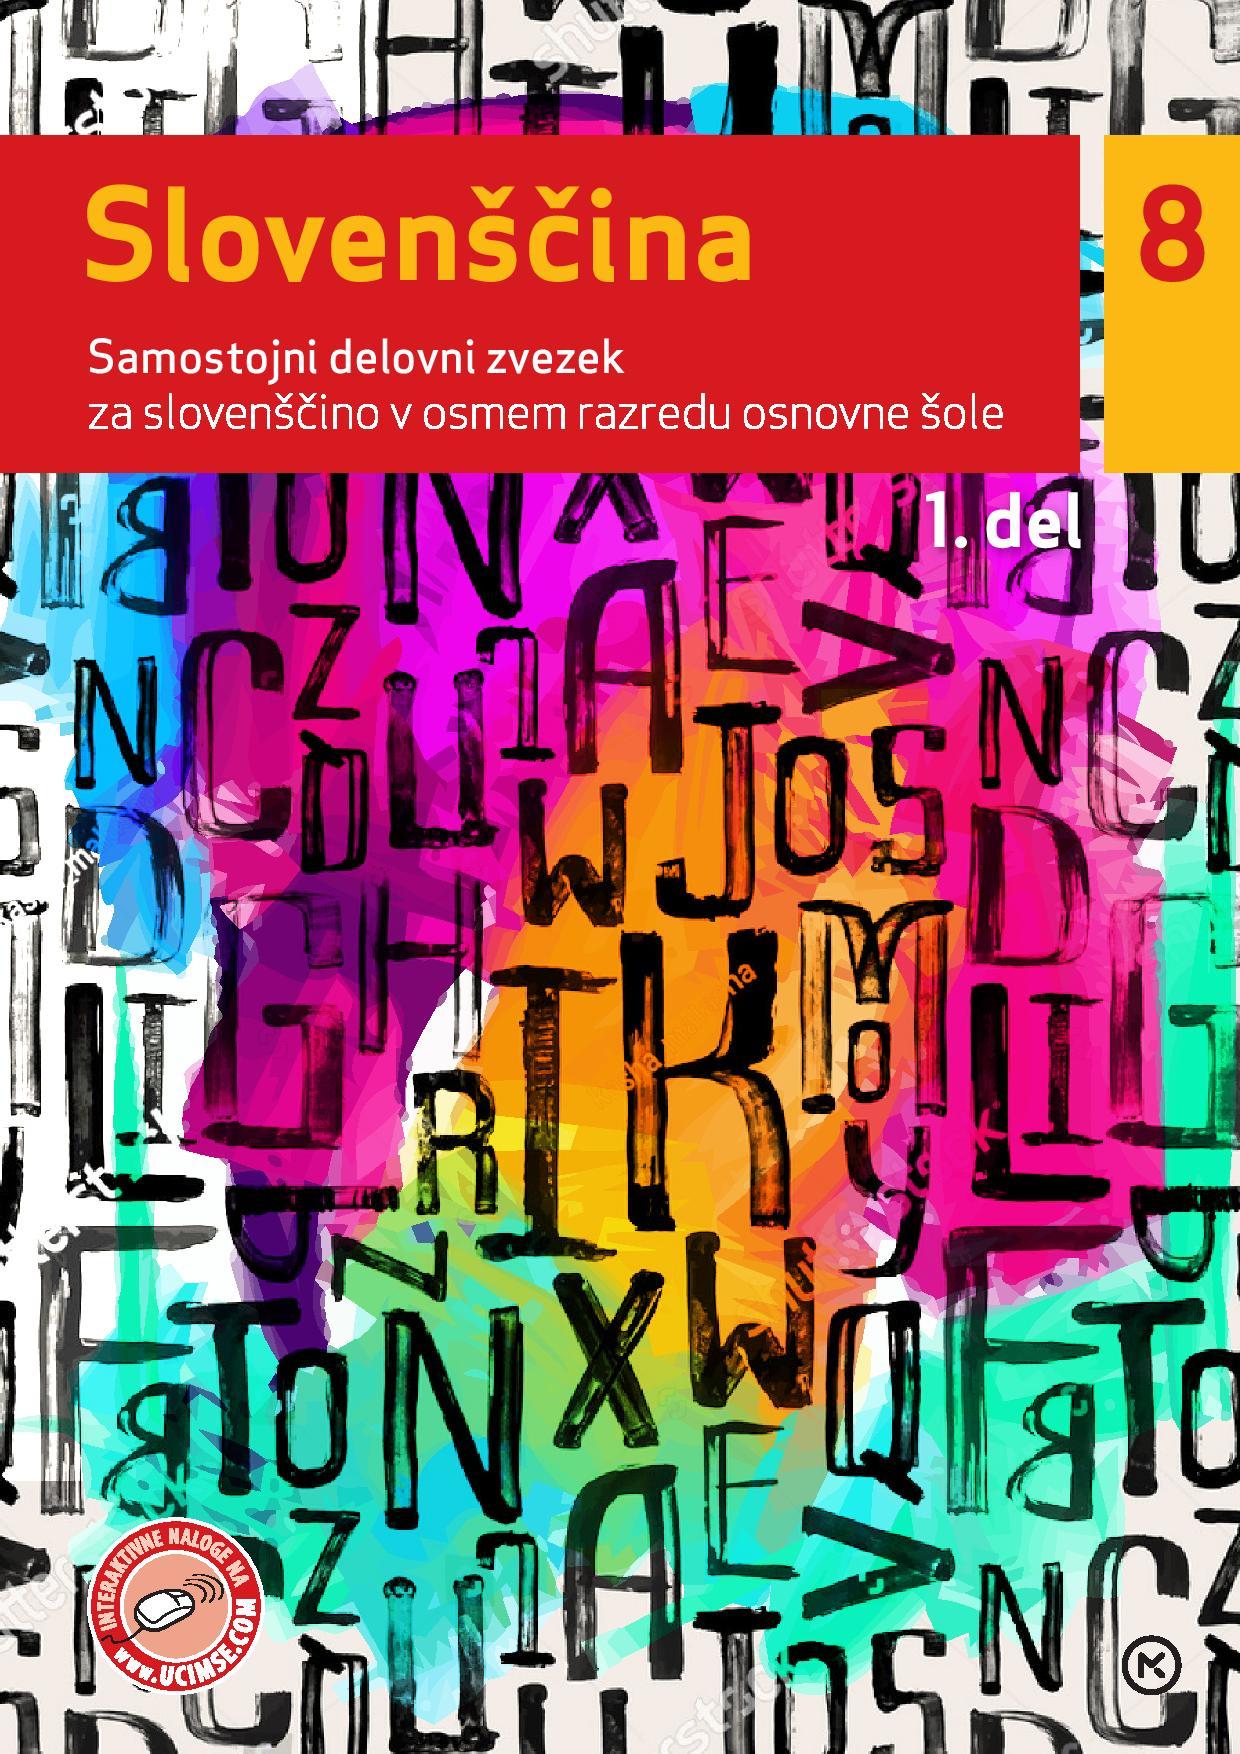 slovenščina 8, 1. del novo